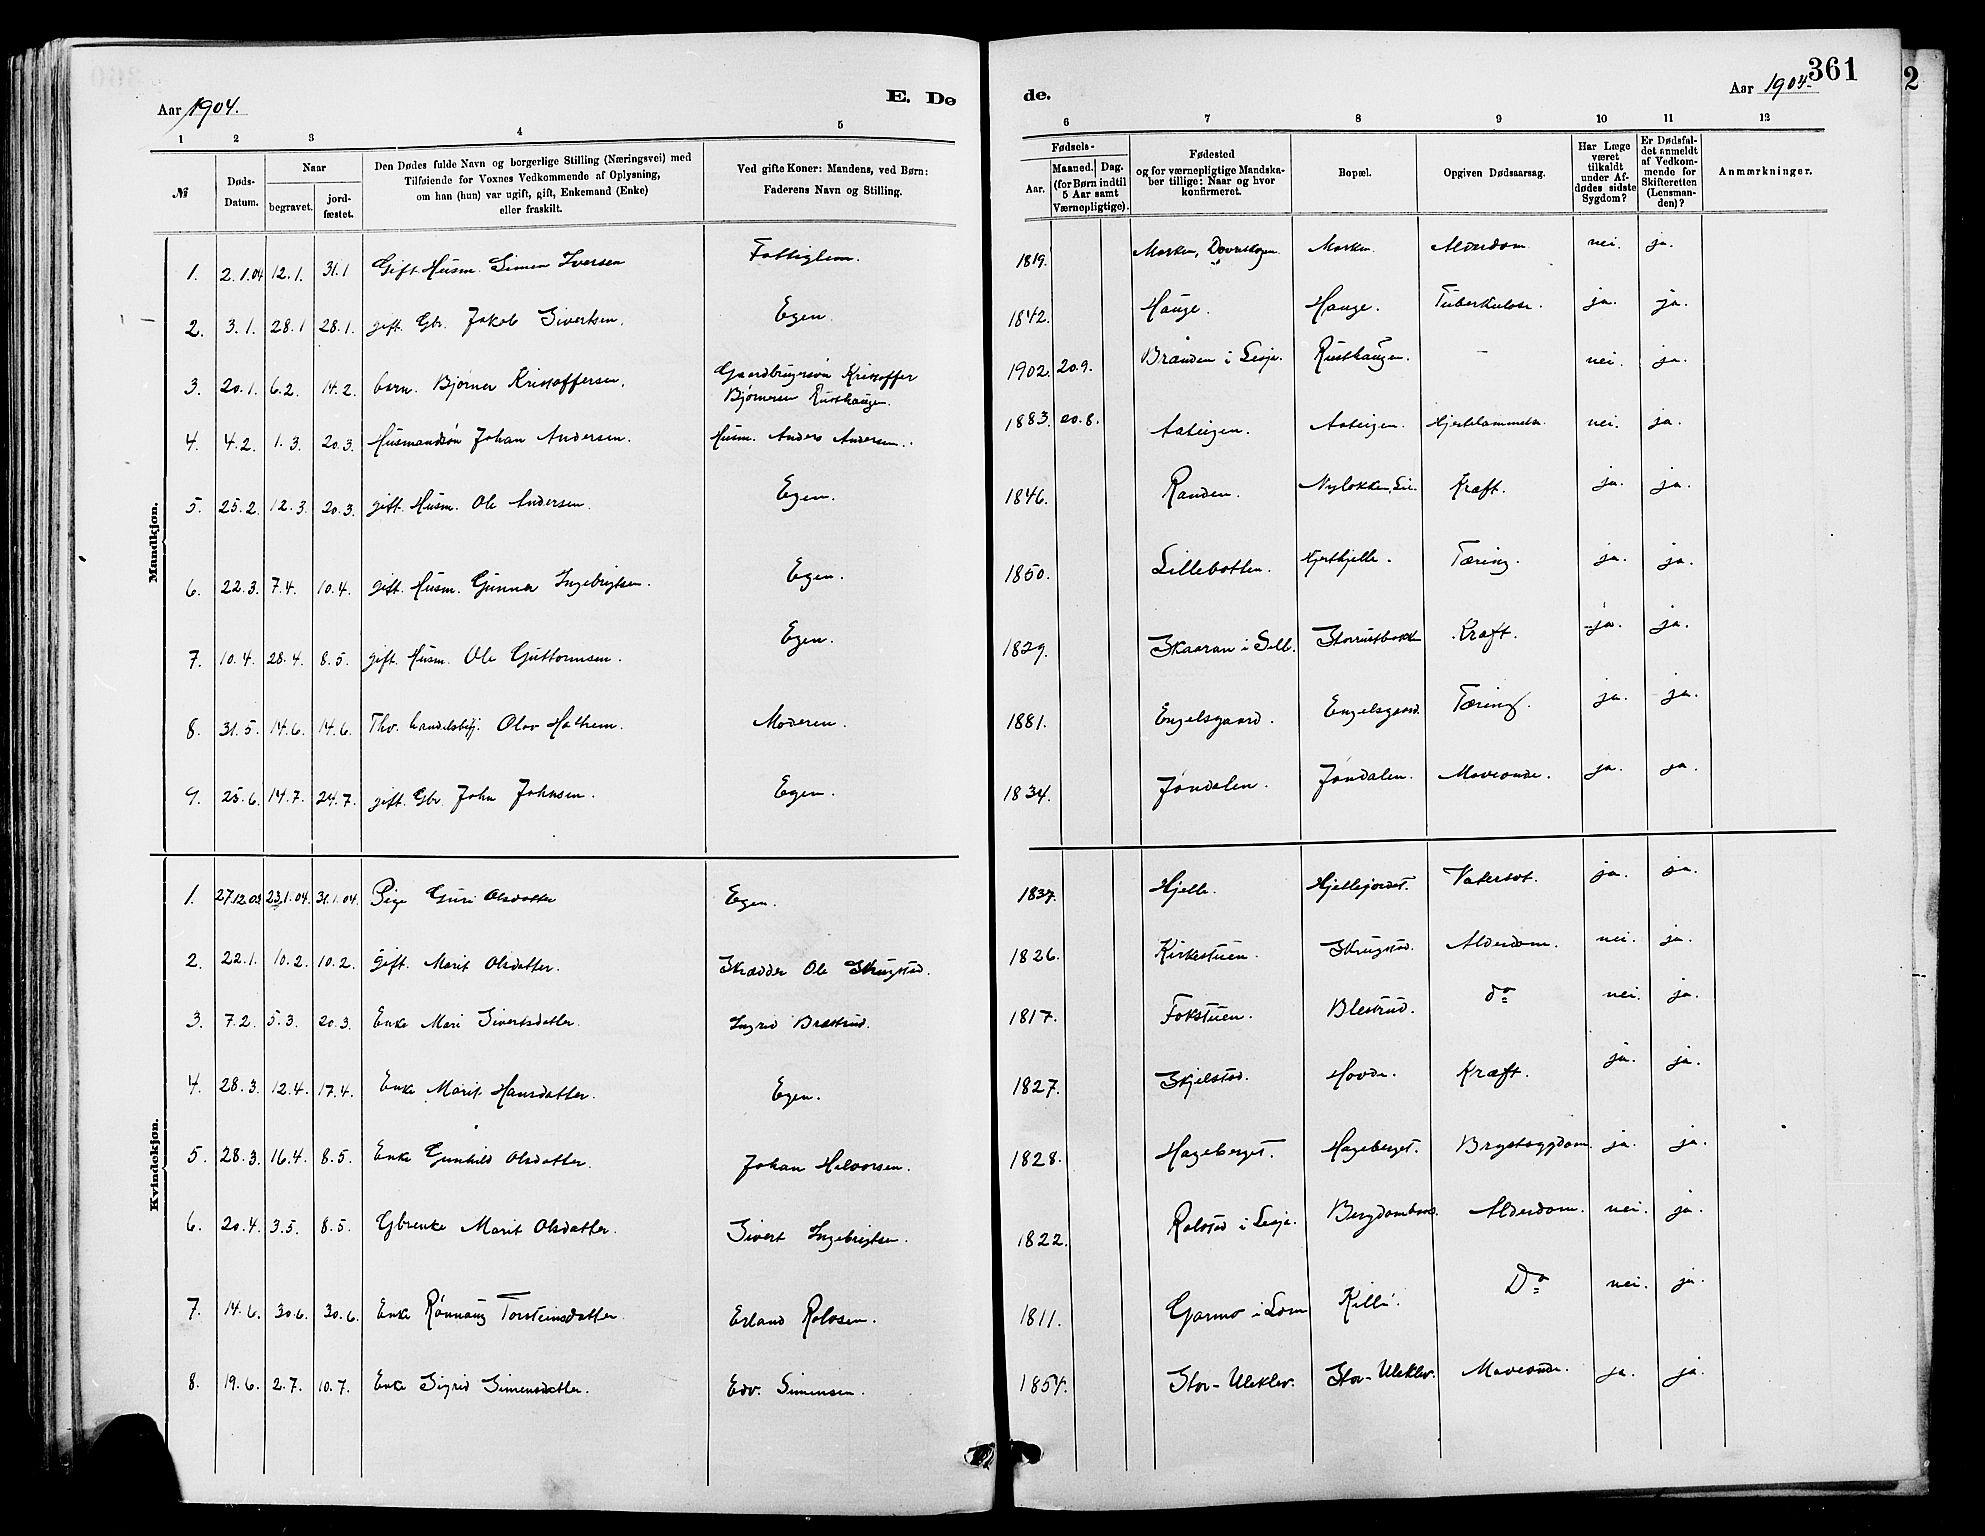 SAH, Dovre prestekontor, Klokkerbok nr. 2, 1881-1907, s. 361